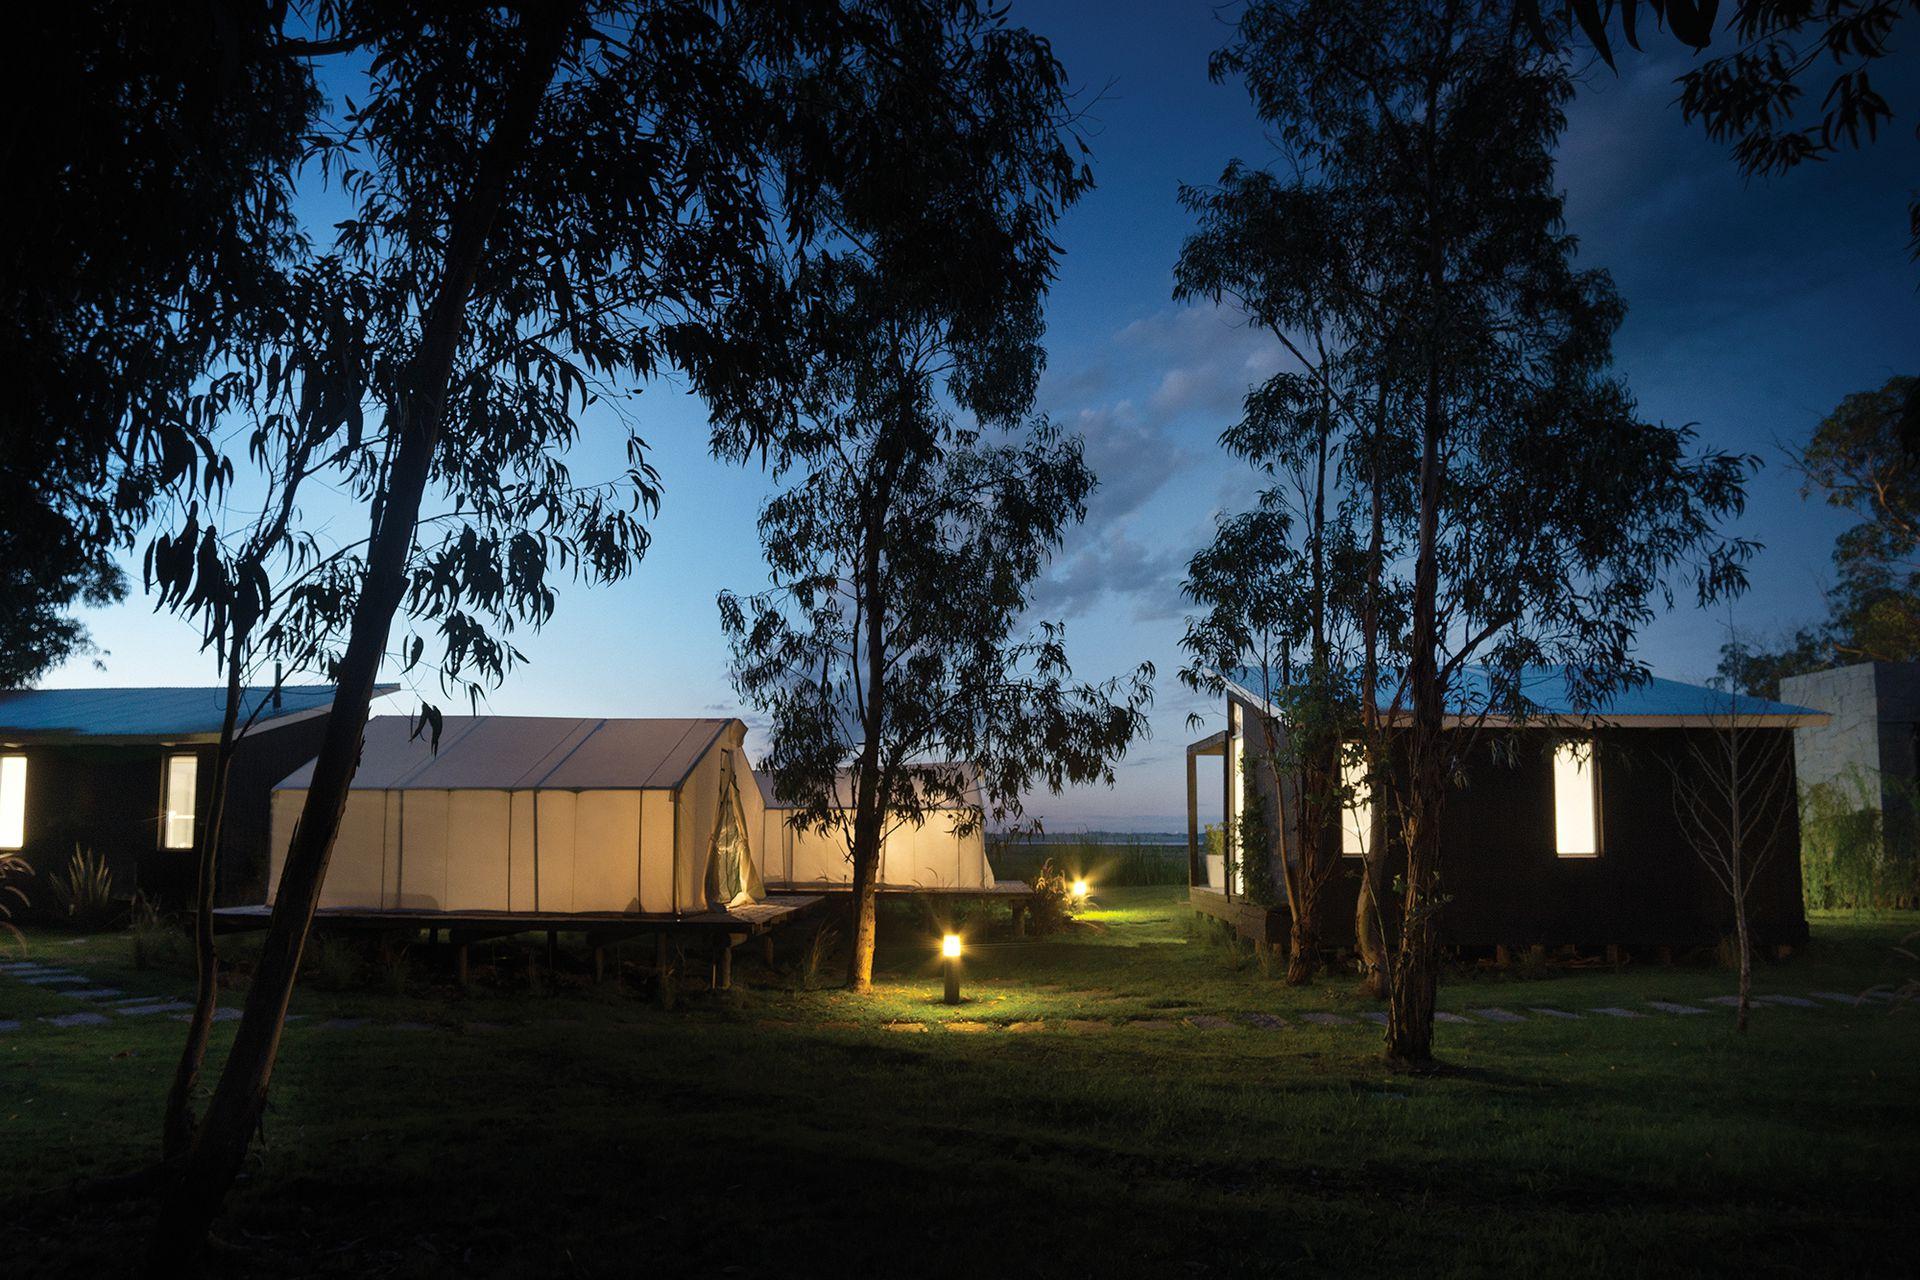 Apenas visible entre la sombra de los eucaliptos, la pequeña aldea duerme para ceder el anochecer al croar de las ranas.